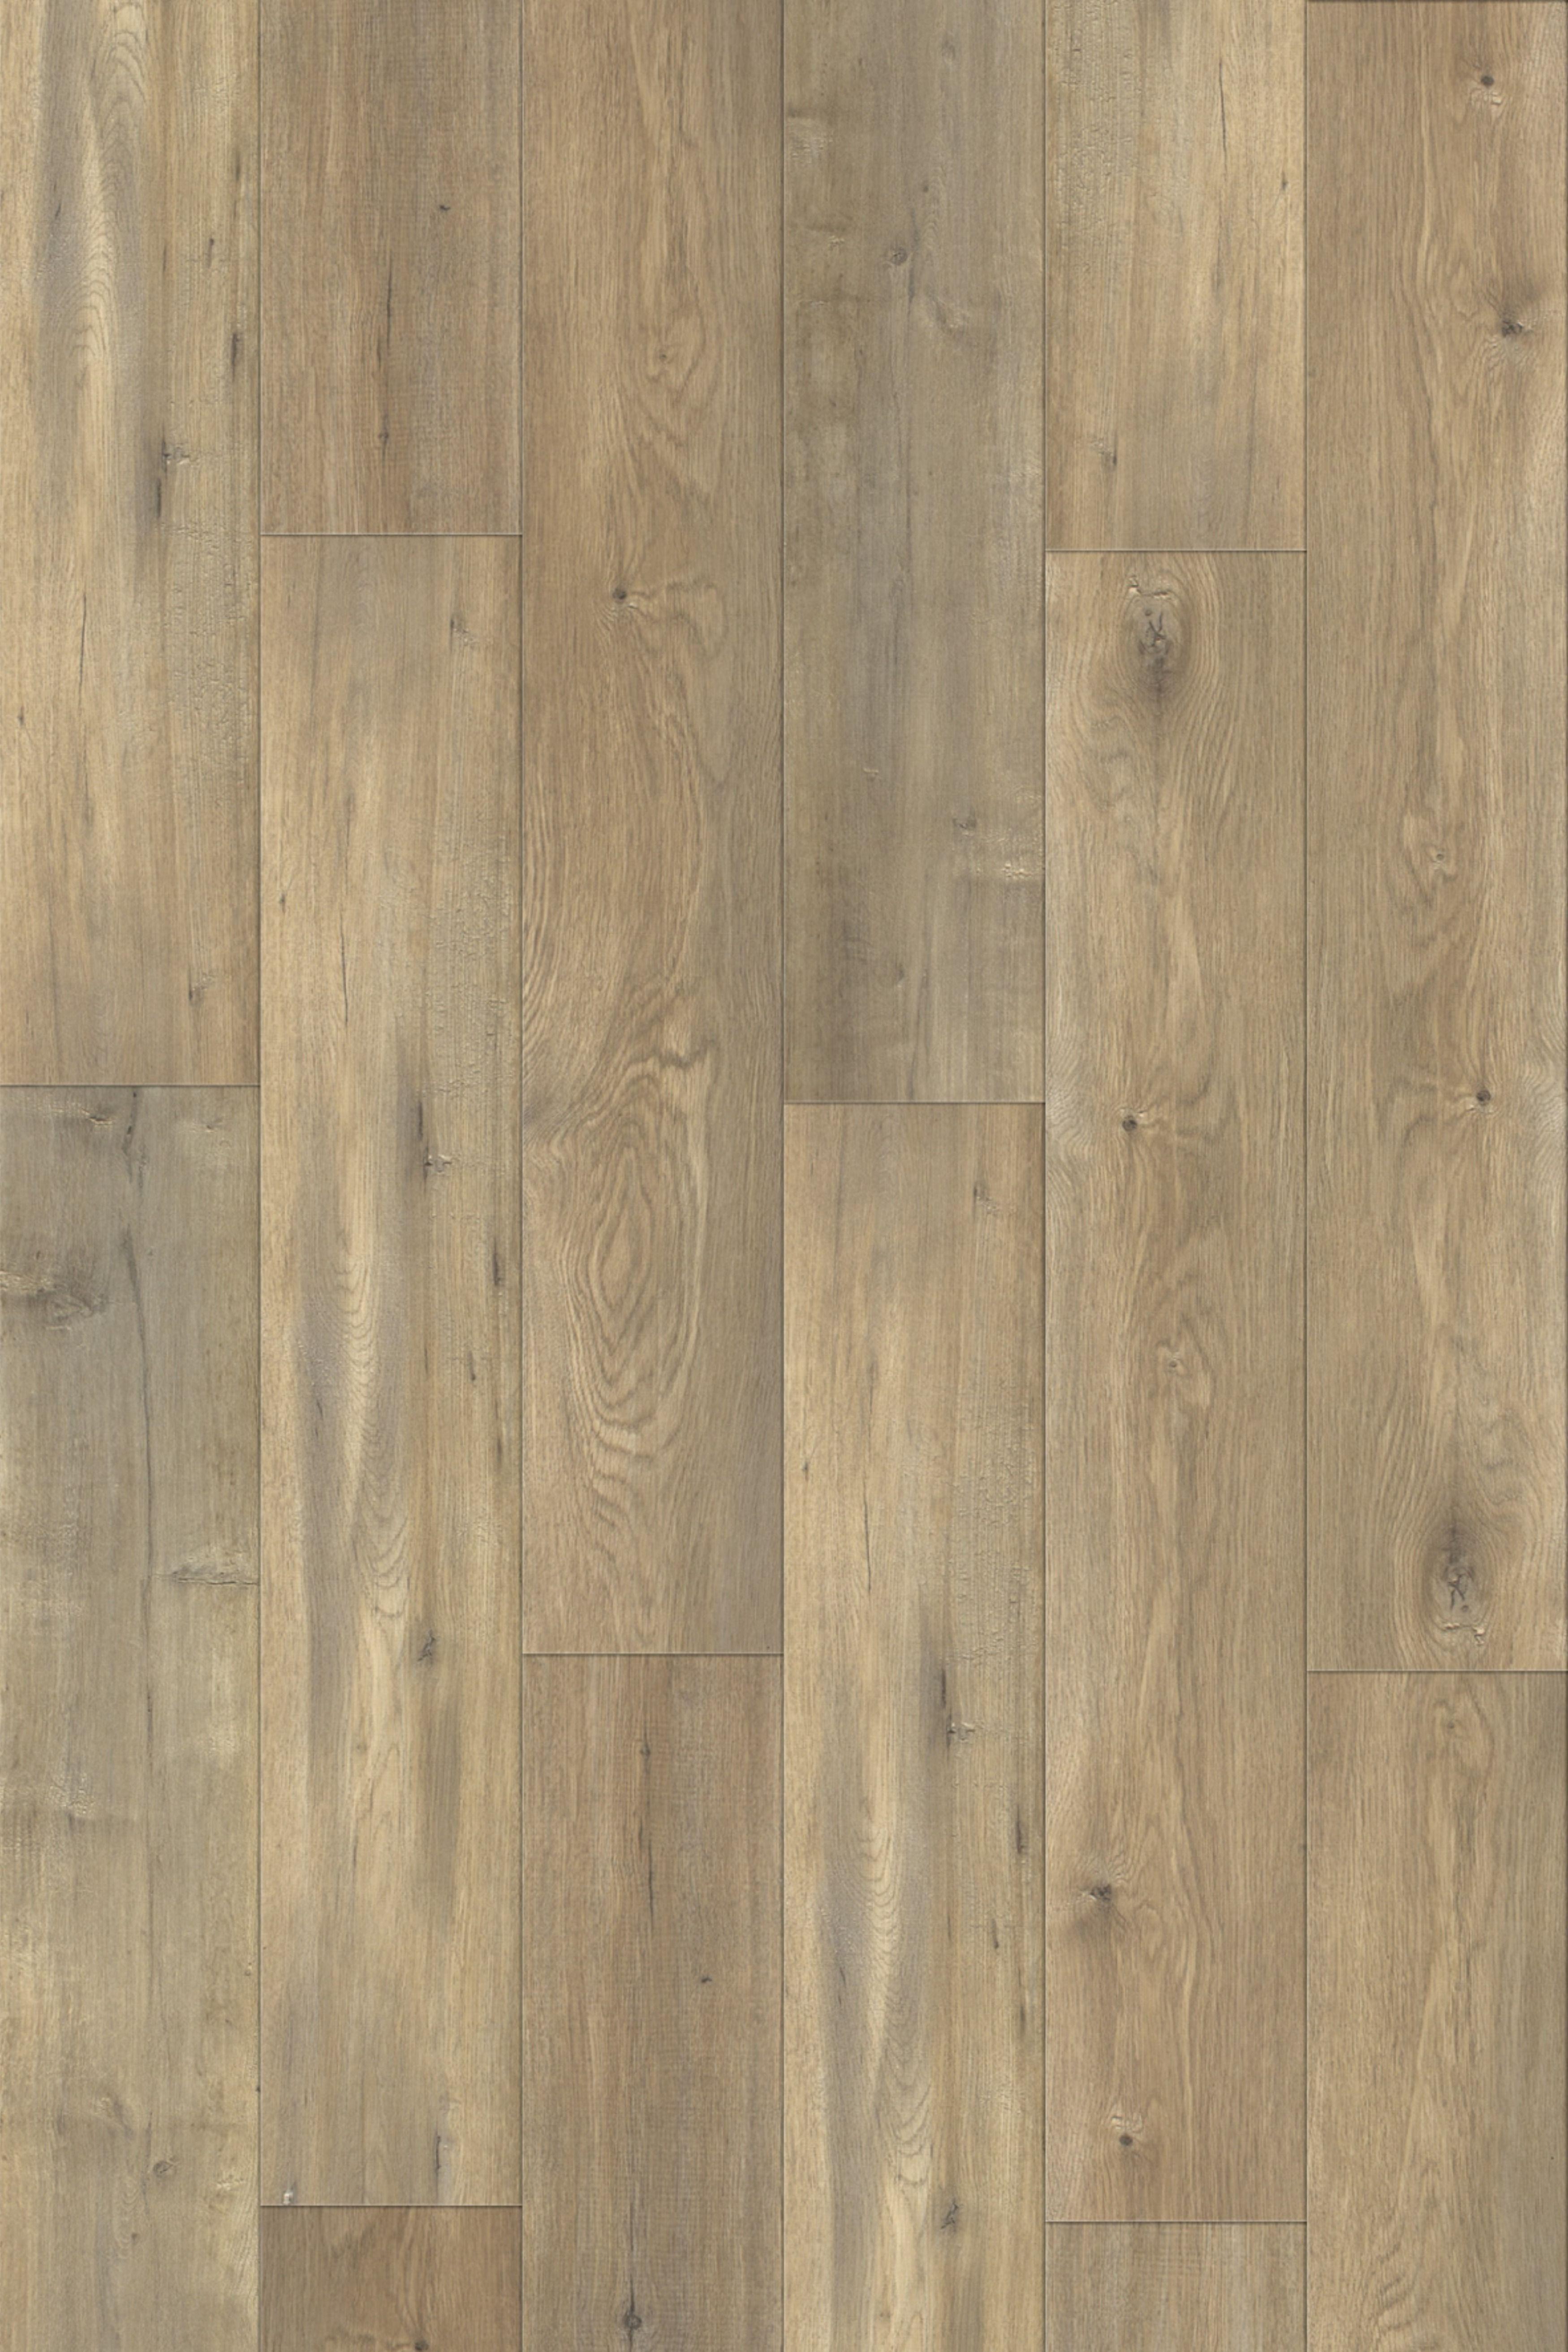 Pinnacle Peak Mushroom Tas Flooring In 2020 Hardwood